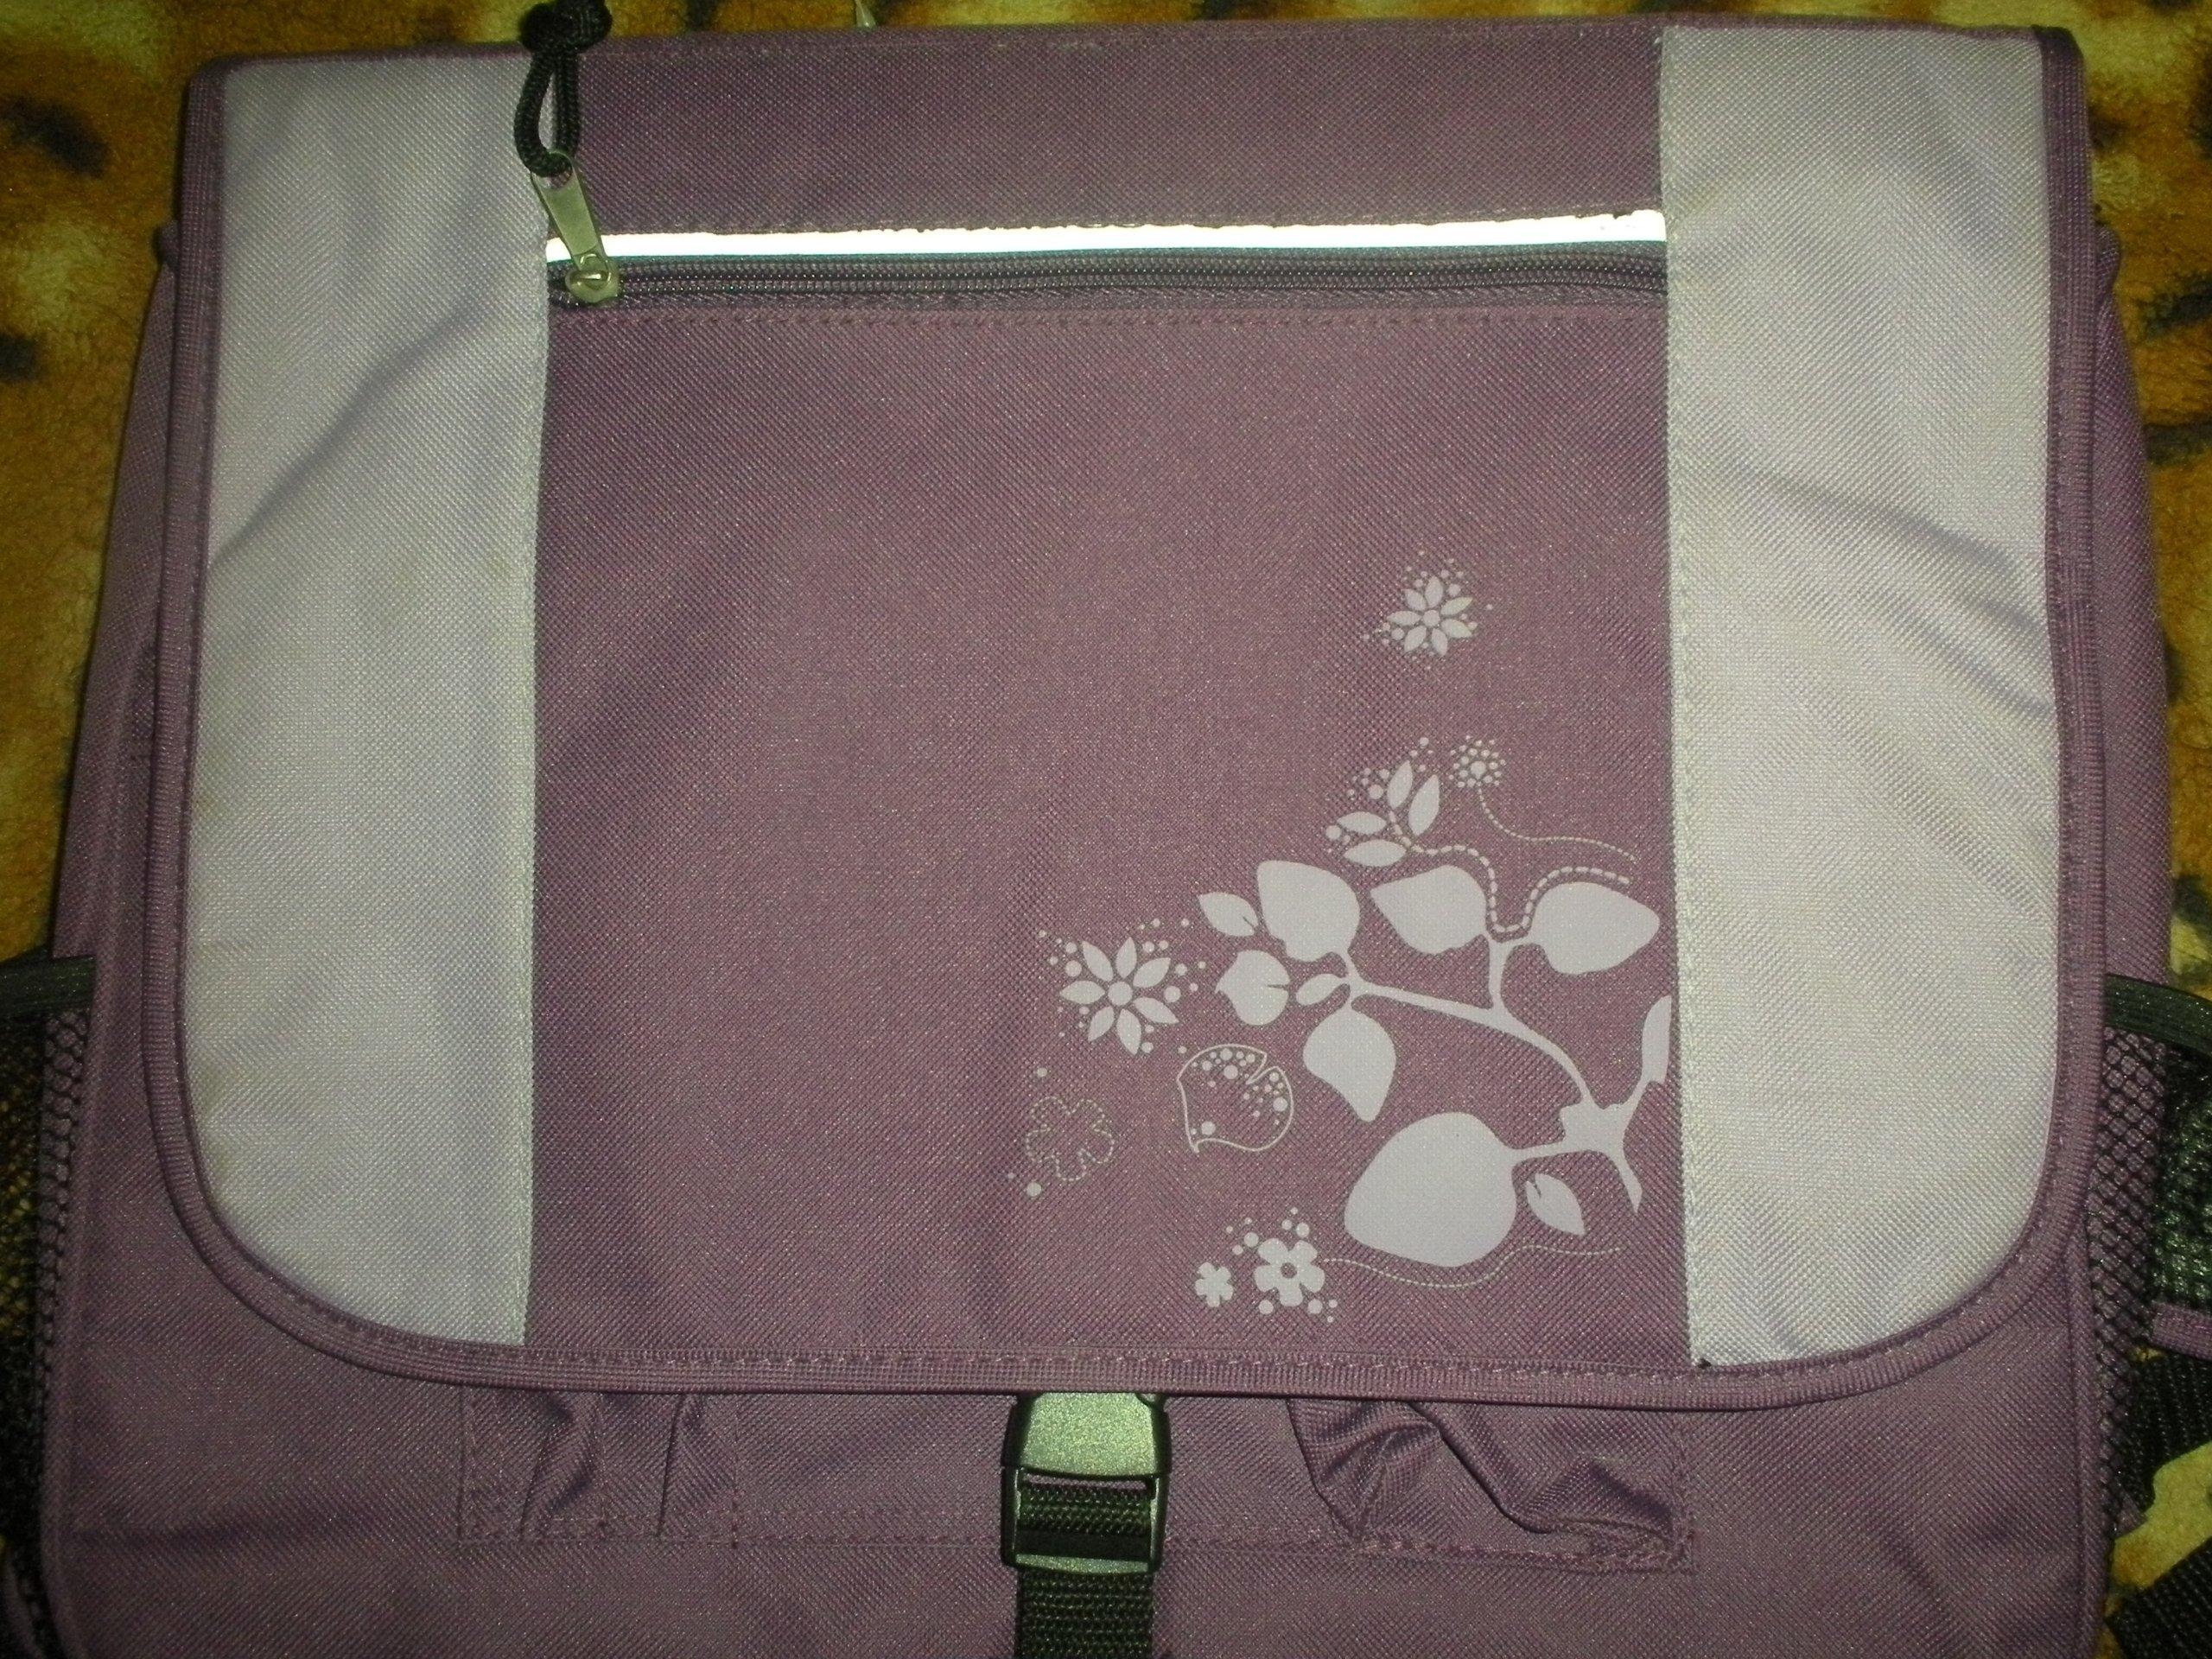 f707b9a3ee8bc plecak modny rzeszow w Oficjalnym Archiwum Allegro - archiwum ofert